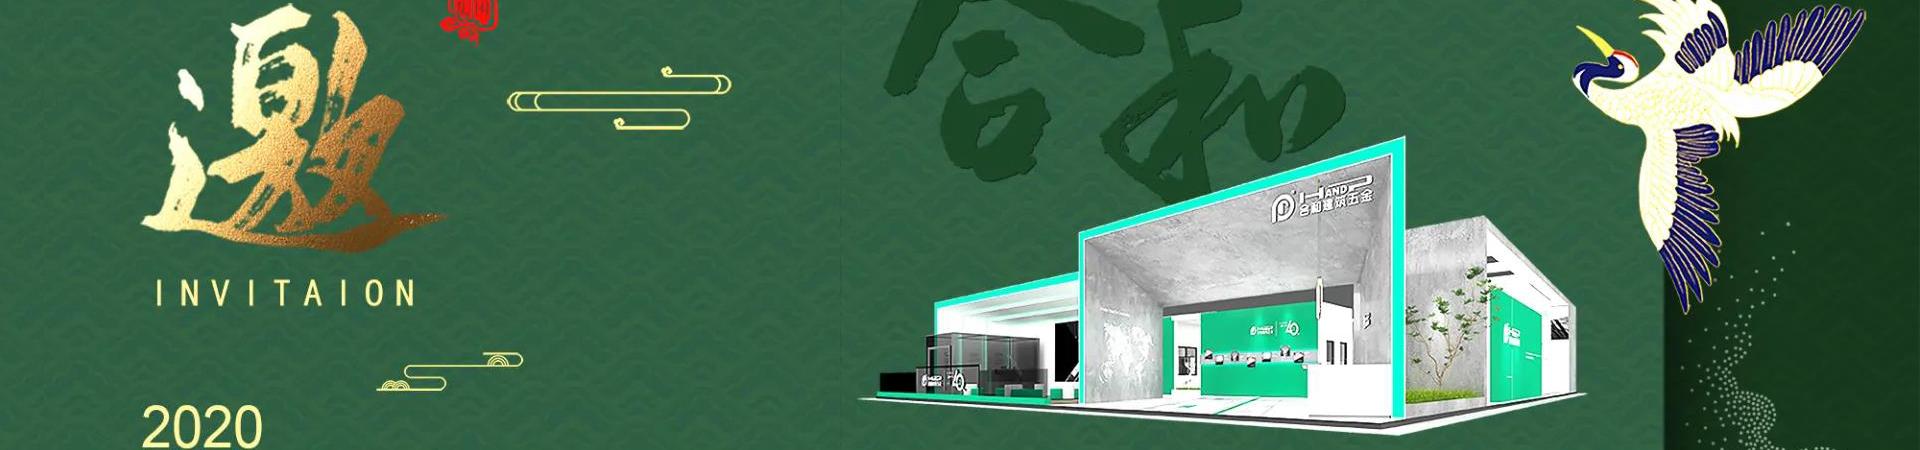 info-center.jpg